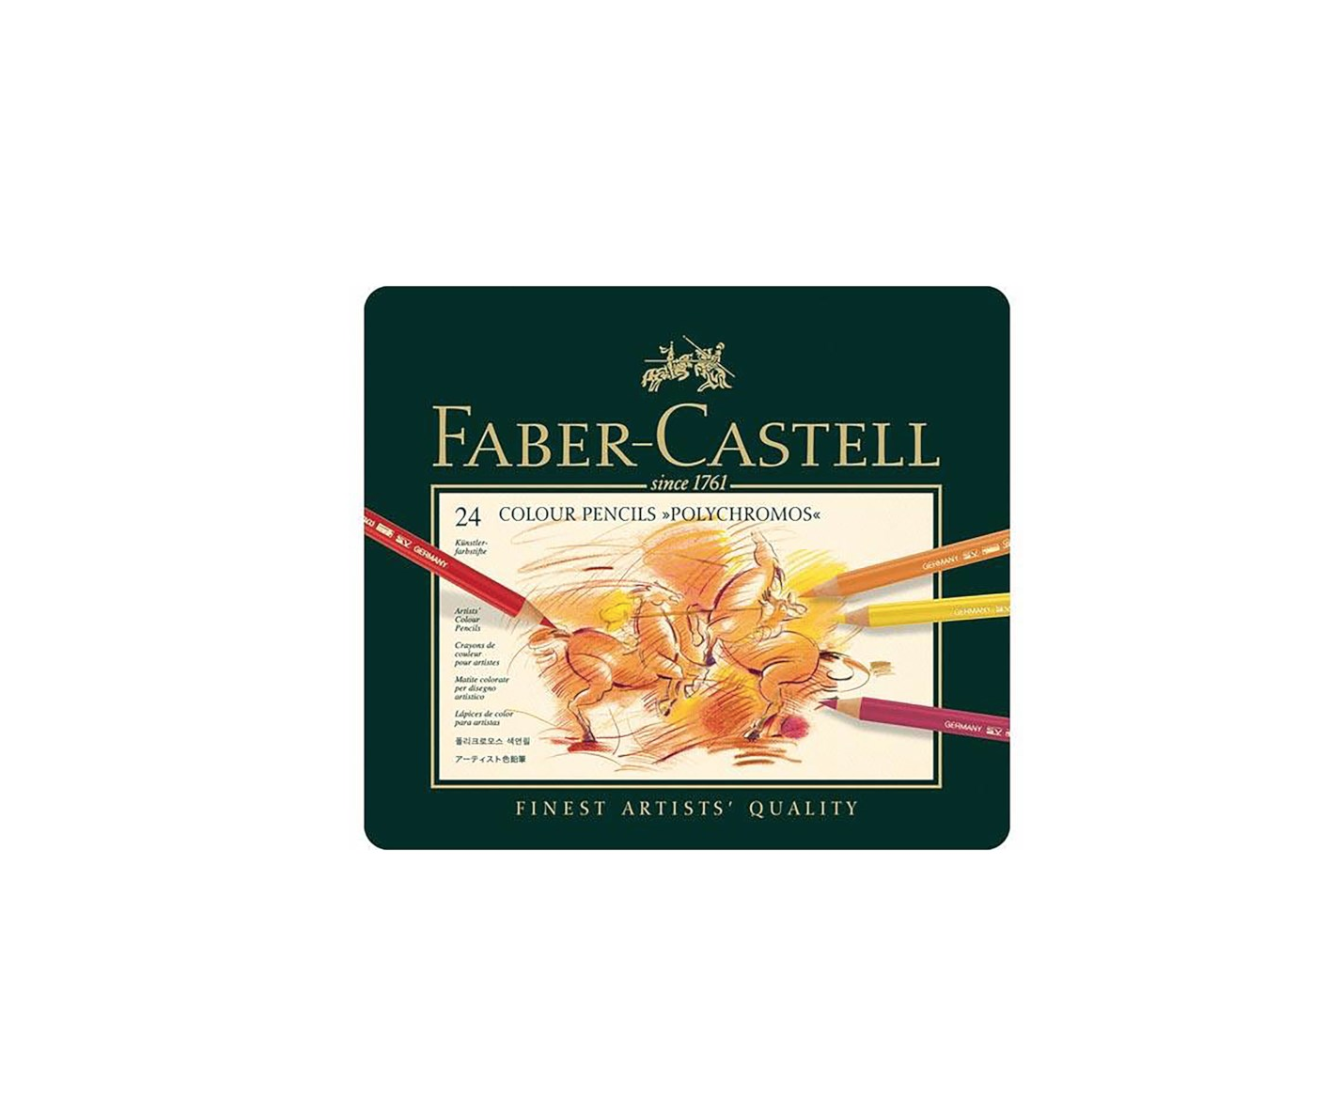 FABER CASTELL X 24 POLYCHROMOS COLOUR PENCILS CRAYON COULEUR ART ARTISTE DESSIN PRO COMASOUND KARTEL 4005401100249